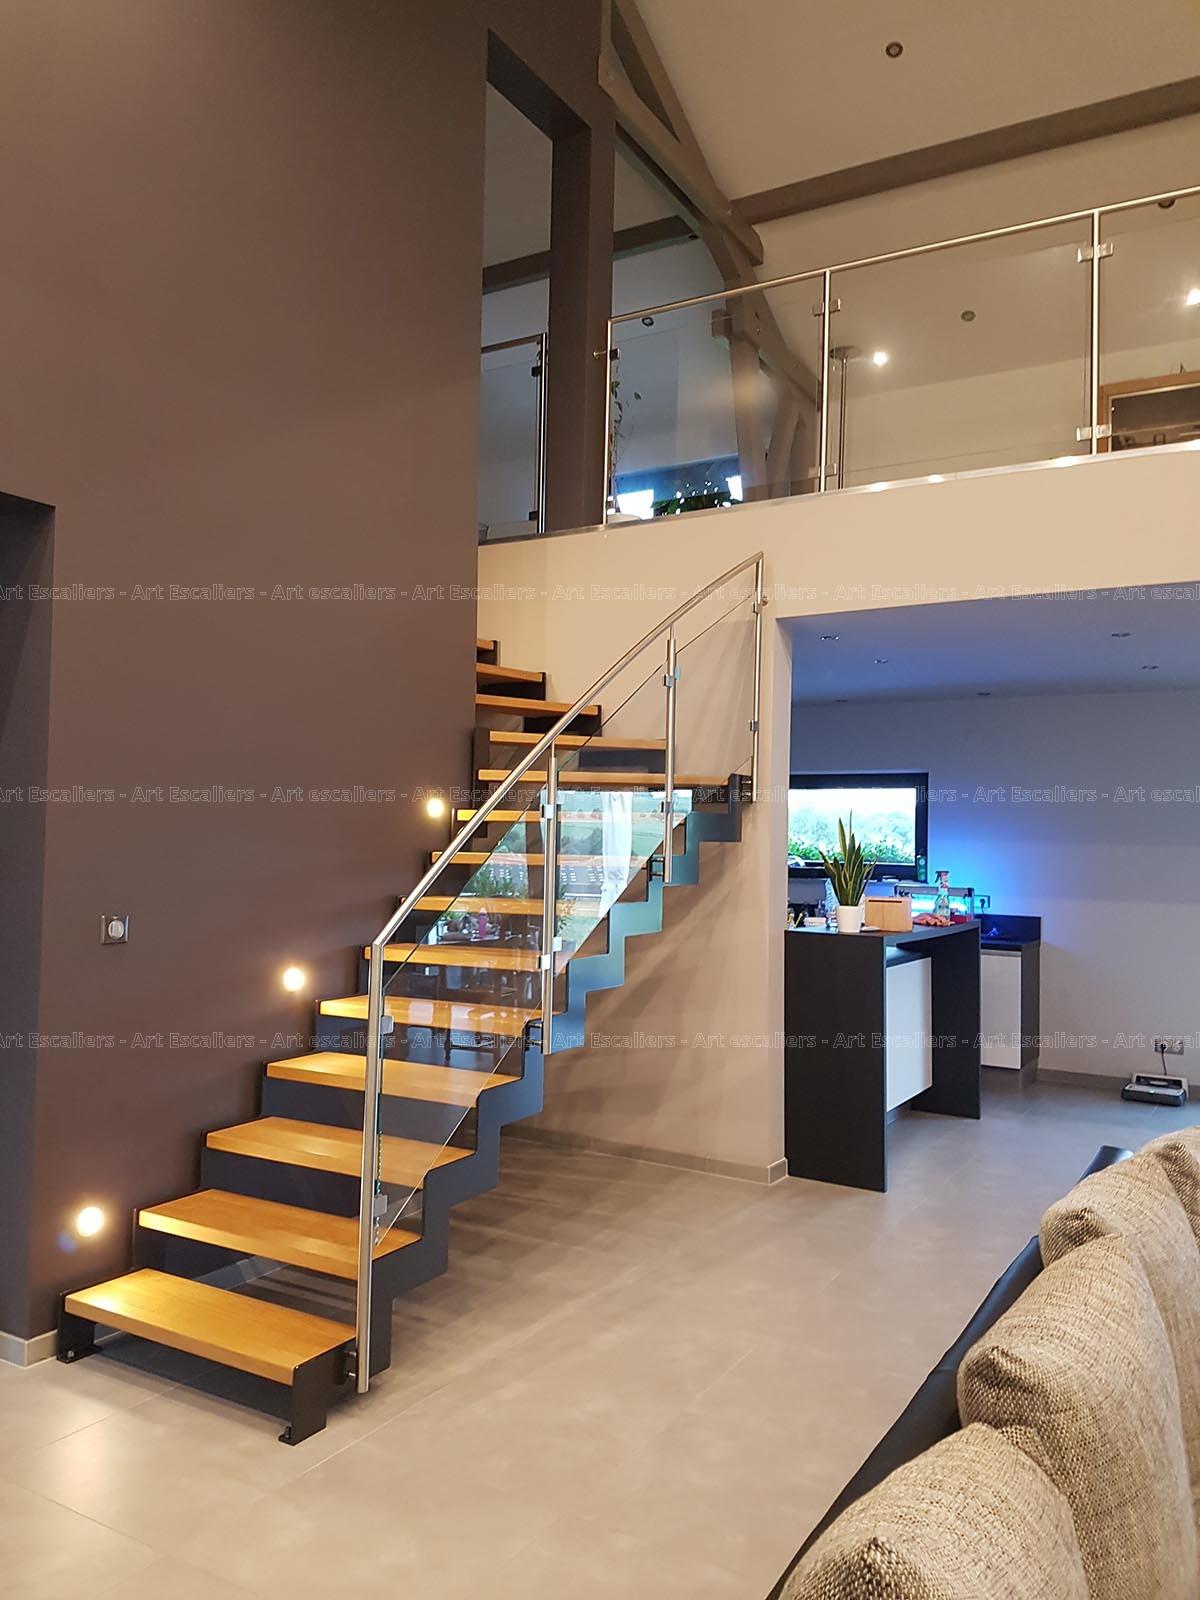 Escalier Cremaillere Metal Niedervisse Art Escaliers